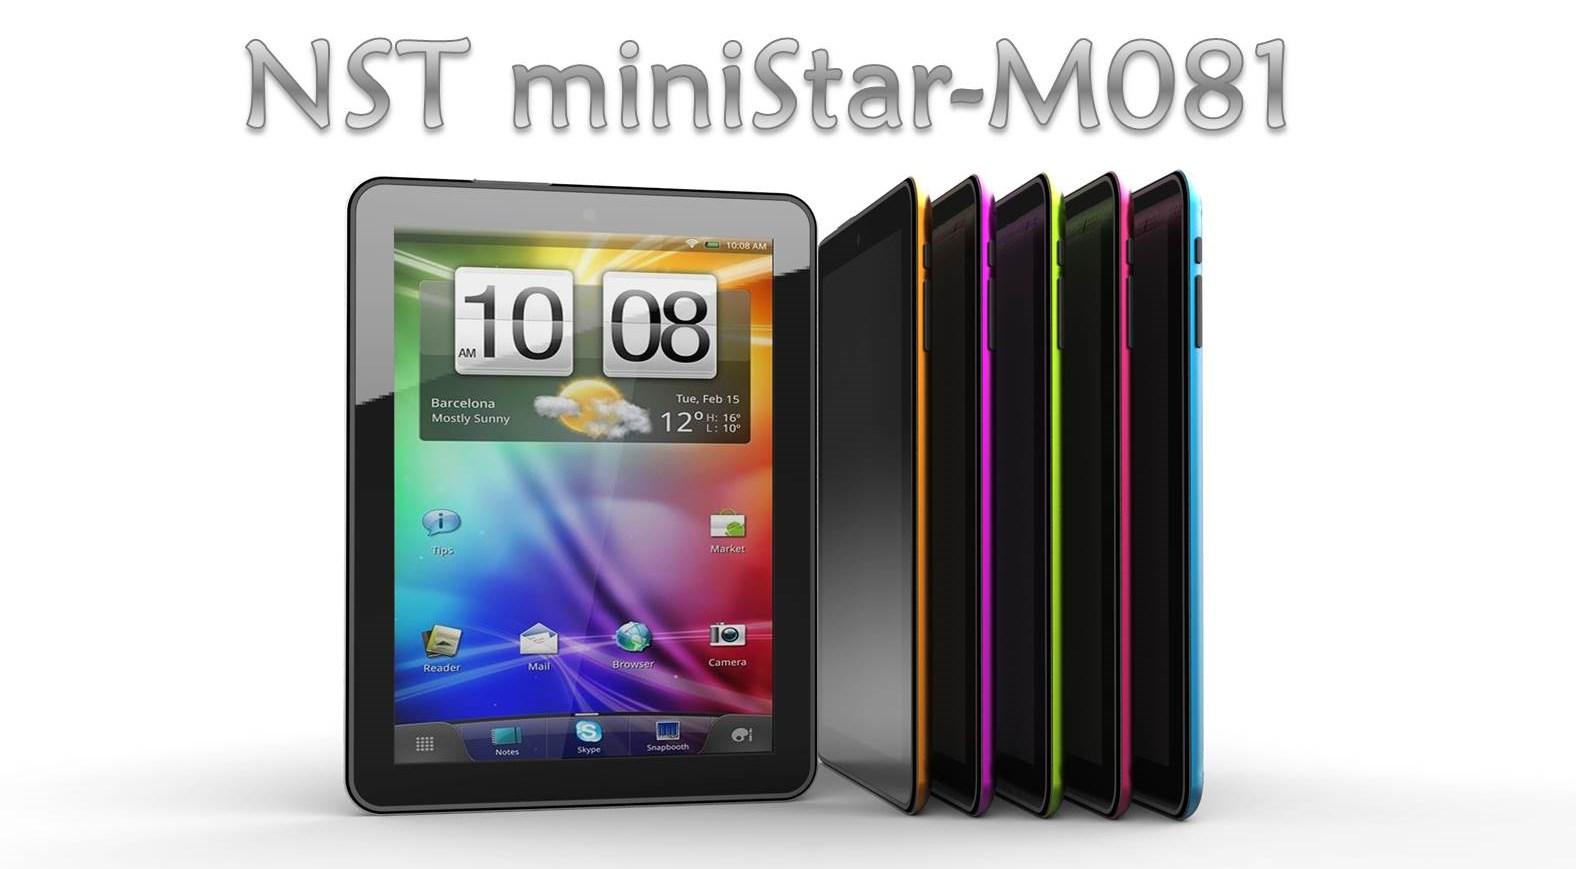 Προσφορά SaleTime - NST MINI STAR -Μ081 - Ολοκαίνουργιο μοντέλο Tablet NST-mini Star M081- 8 ιντσών- 8GB, με 2πύρηνο επεξεργαστή dual core, Bluetooth, 4πύρηνη κάρτα γραφι...